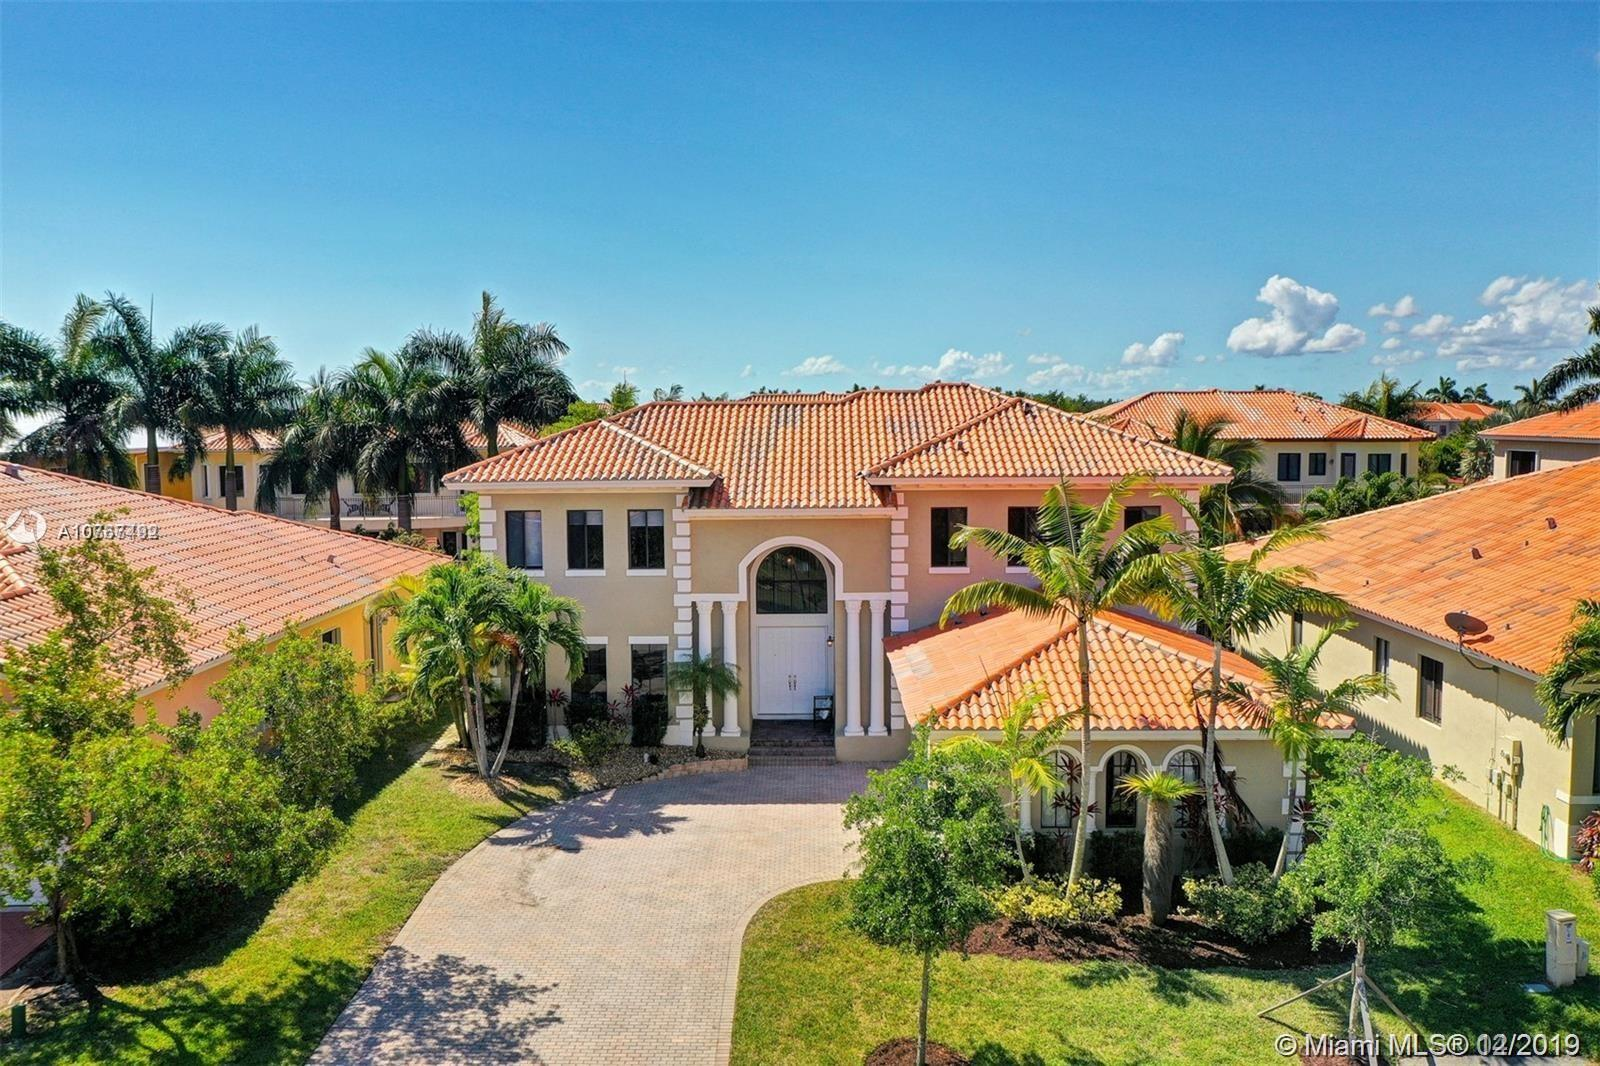 7512 SW 187th St, Cutler Bay, FL 33157 - Cutler Bay, FL real estate listing